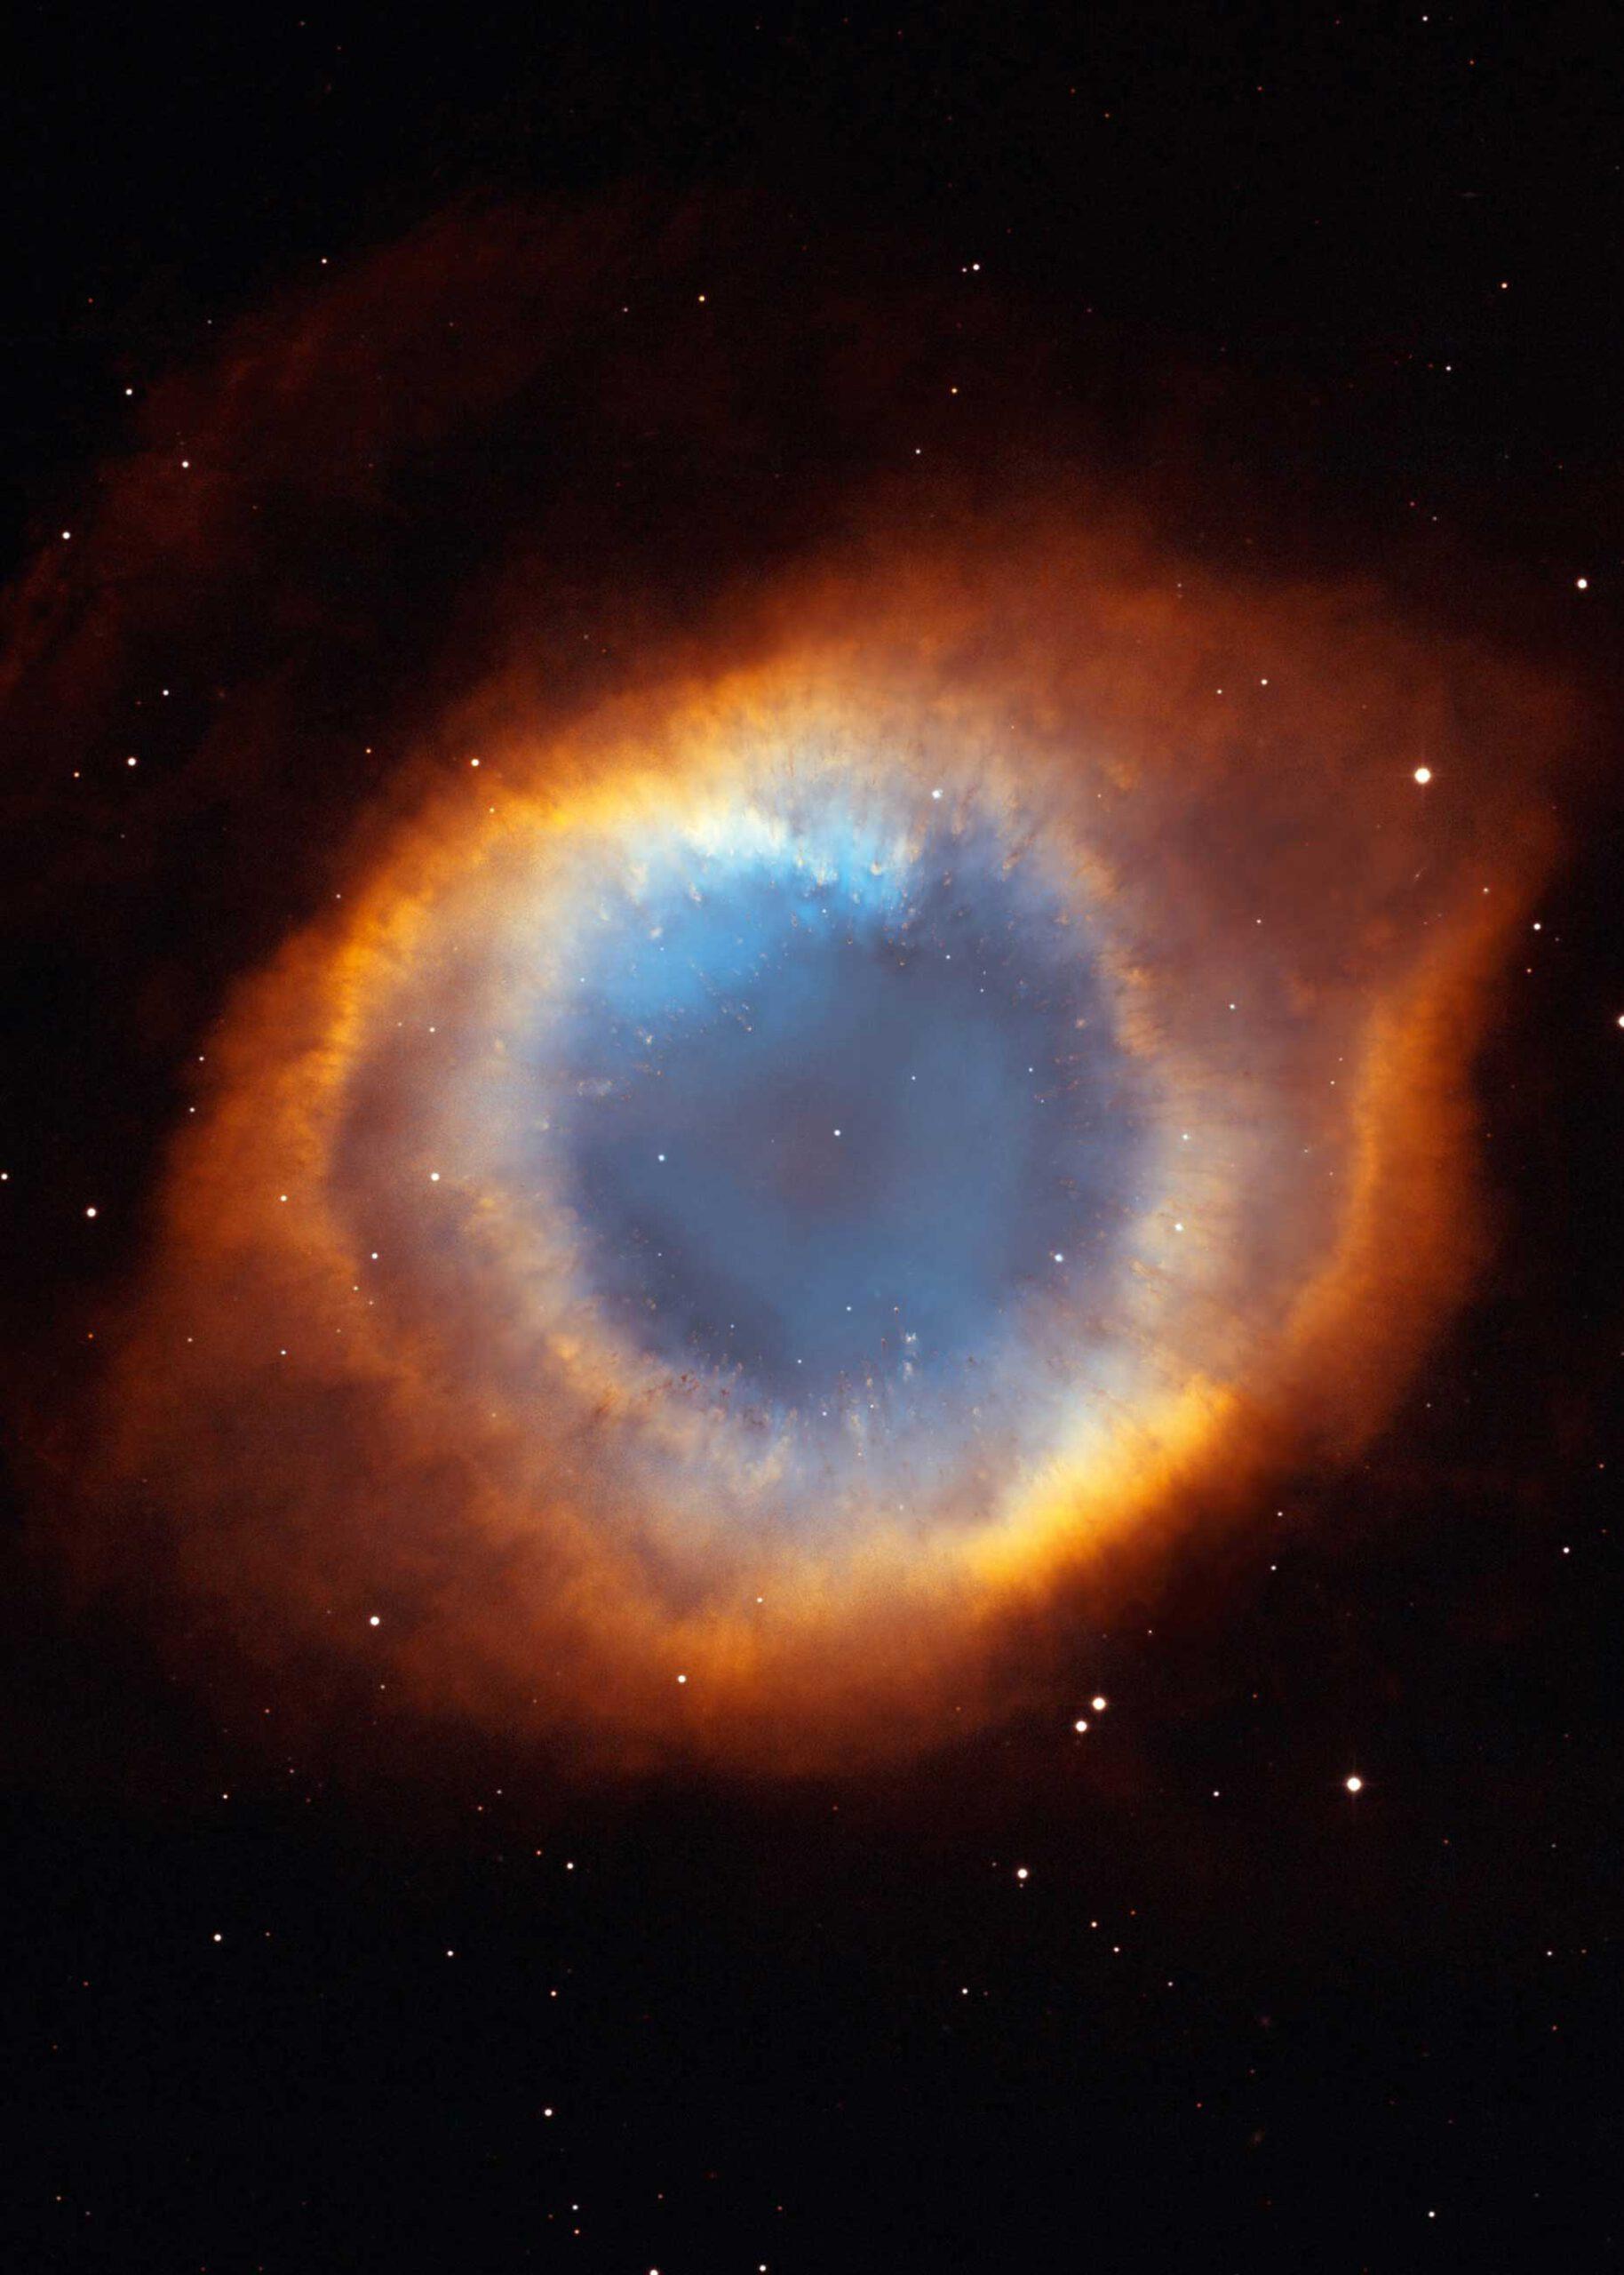 """S. 155 © NASA, WIYN, NOAO, ESA, Hubble Helix Nebula Team, M. Meixner (STScI), & T. A. Rector (NRAO) """"NGC 6369"""", """"Kleiner Geistnebel"""" genannt, ist ein planetarischer Nebel im Sternbild Schlangenträger (lat. Ophiuchus). Im Zentrum ist ein weißer Zwerg, um ihn herum die Hülle des ehemaligen roten Riesensterns"""